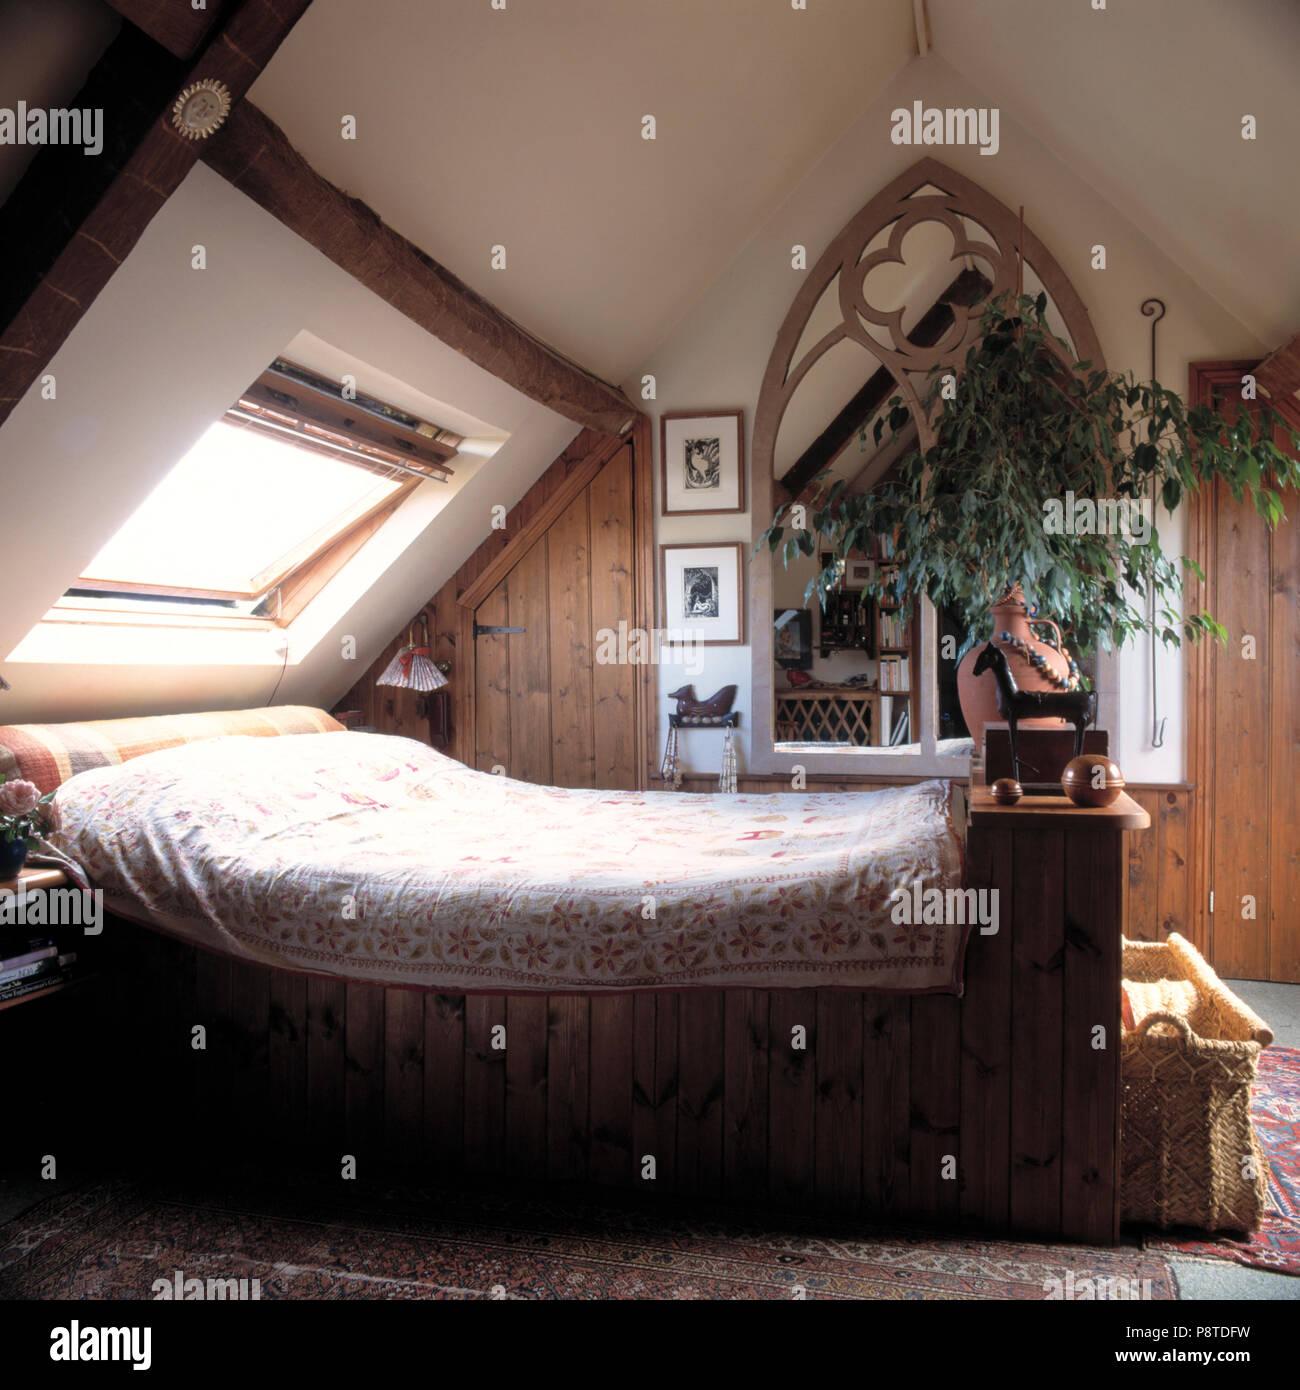 Bett Unten Velux Fenster Im Dachgeschoss Schlafzimmer Mit